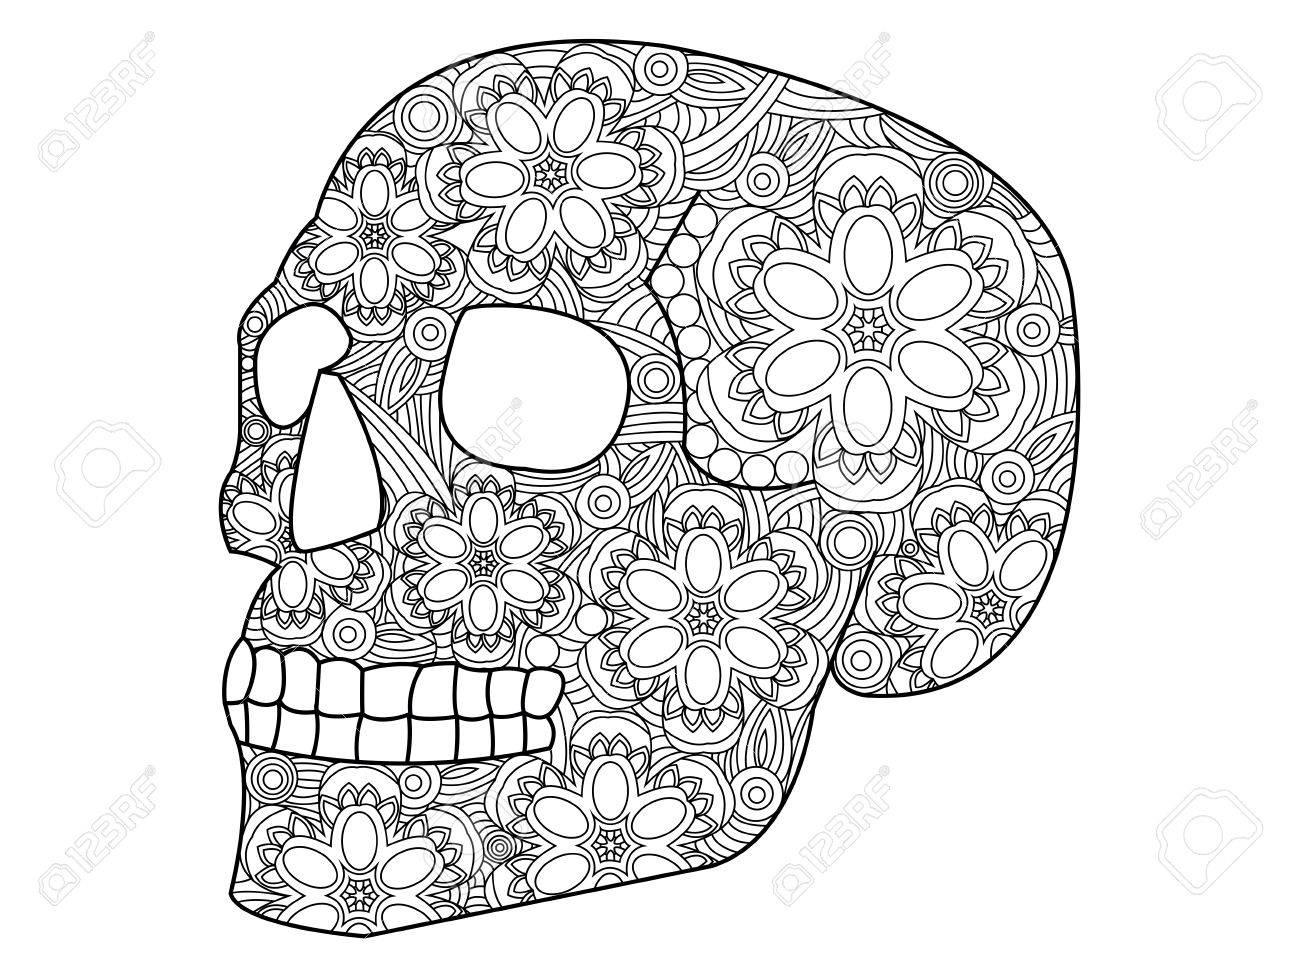 Libro Para Colorear Ilustración Del Cráneo Por Los Adultos Del ...